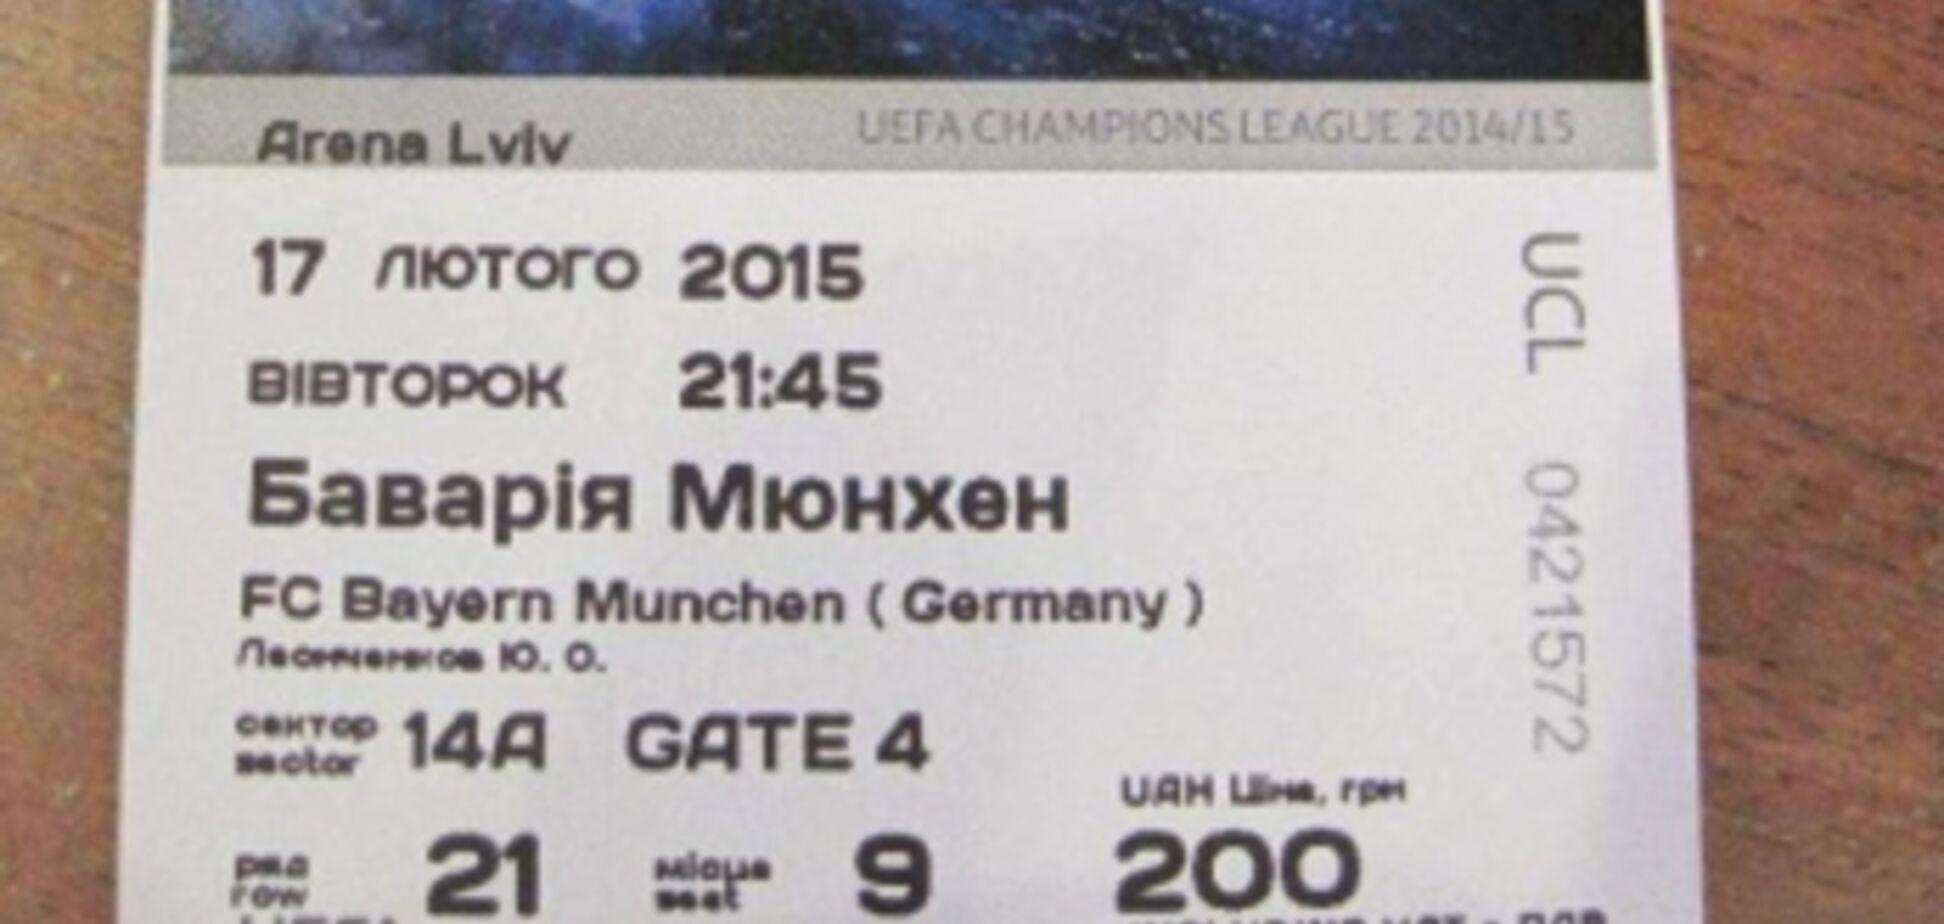 Перед матчем Шахтар - Баварія квитки продавали від 700 гривень